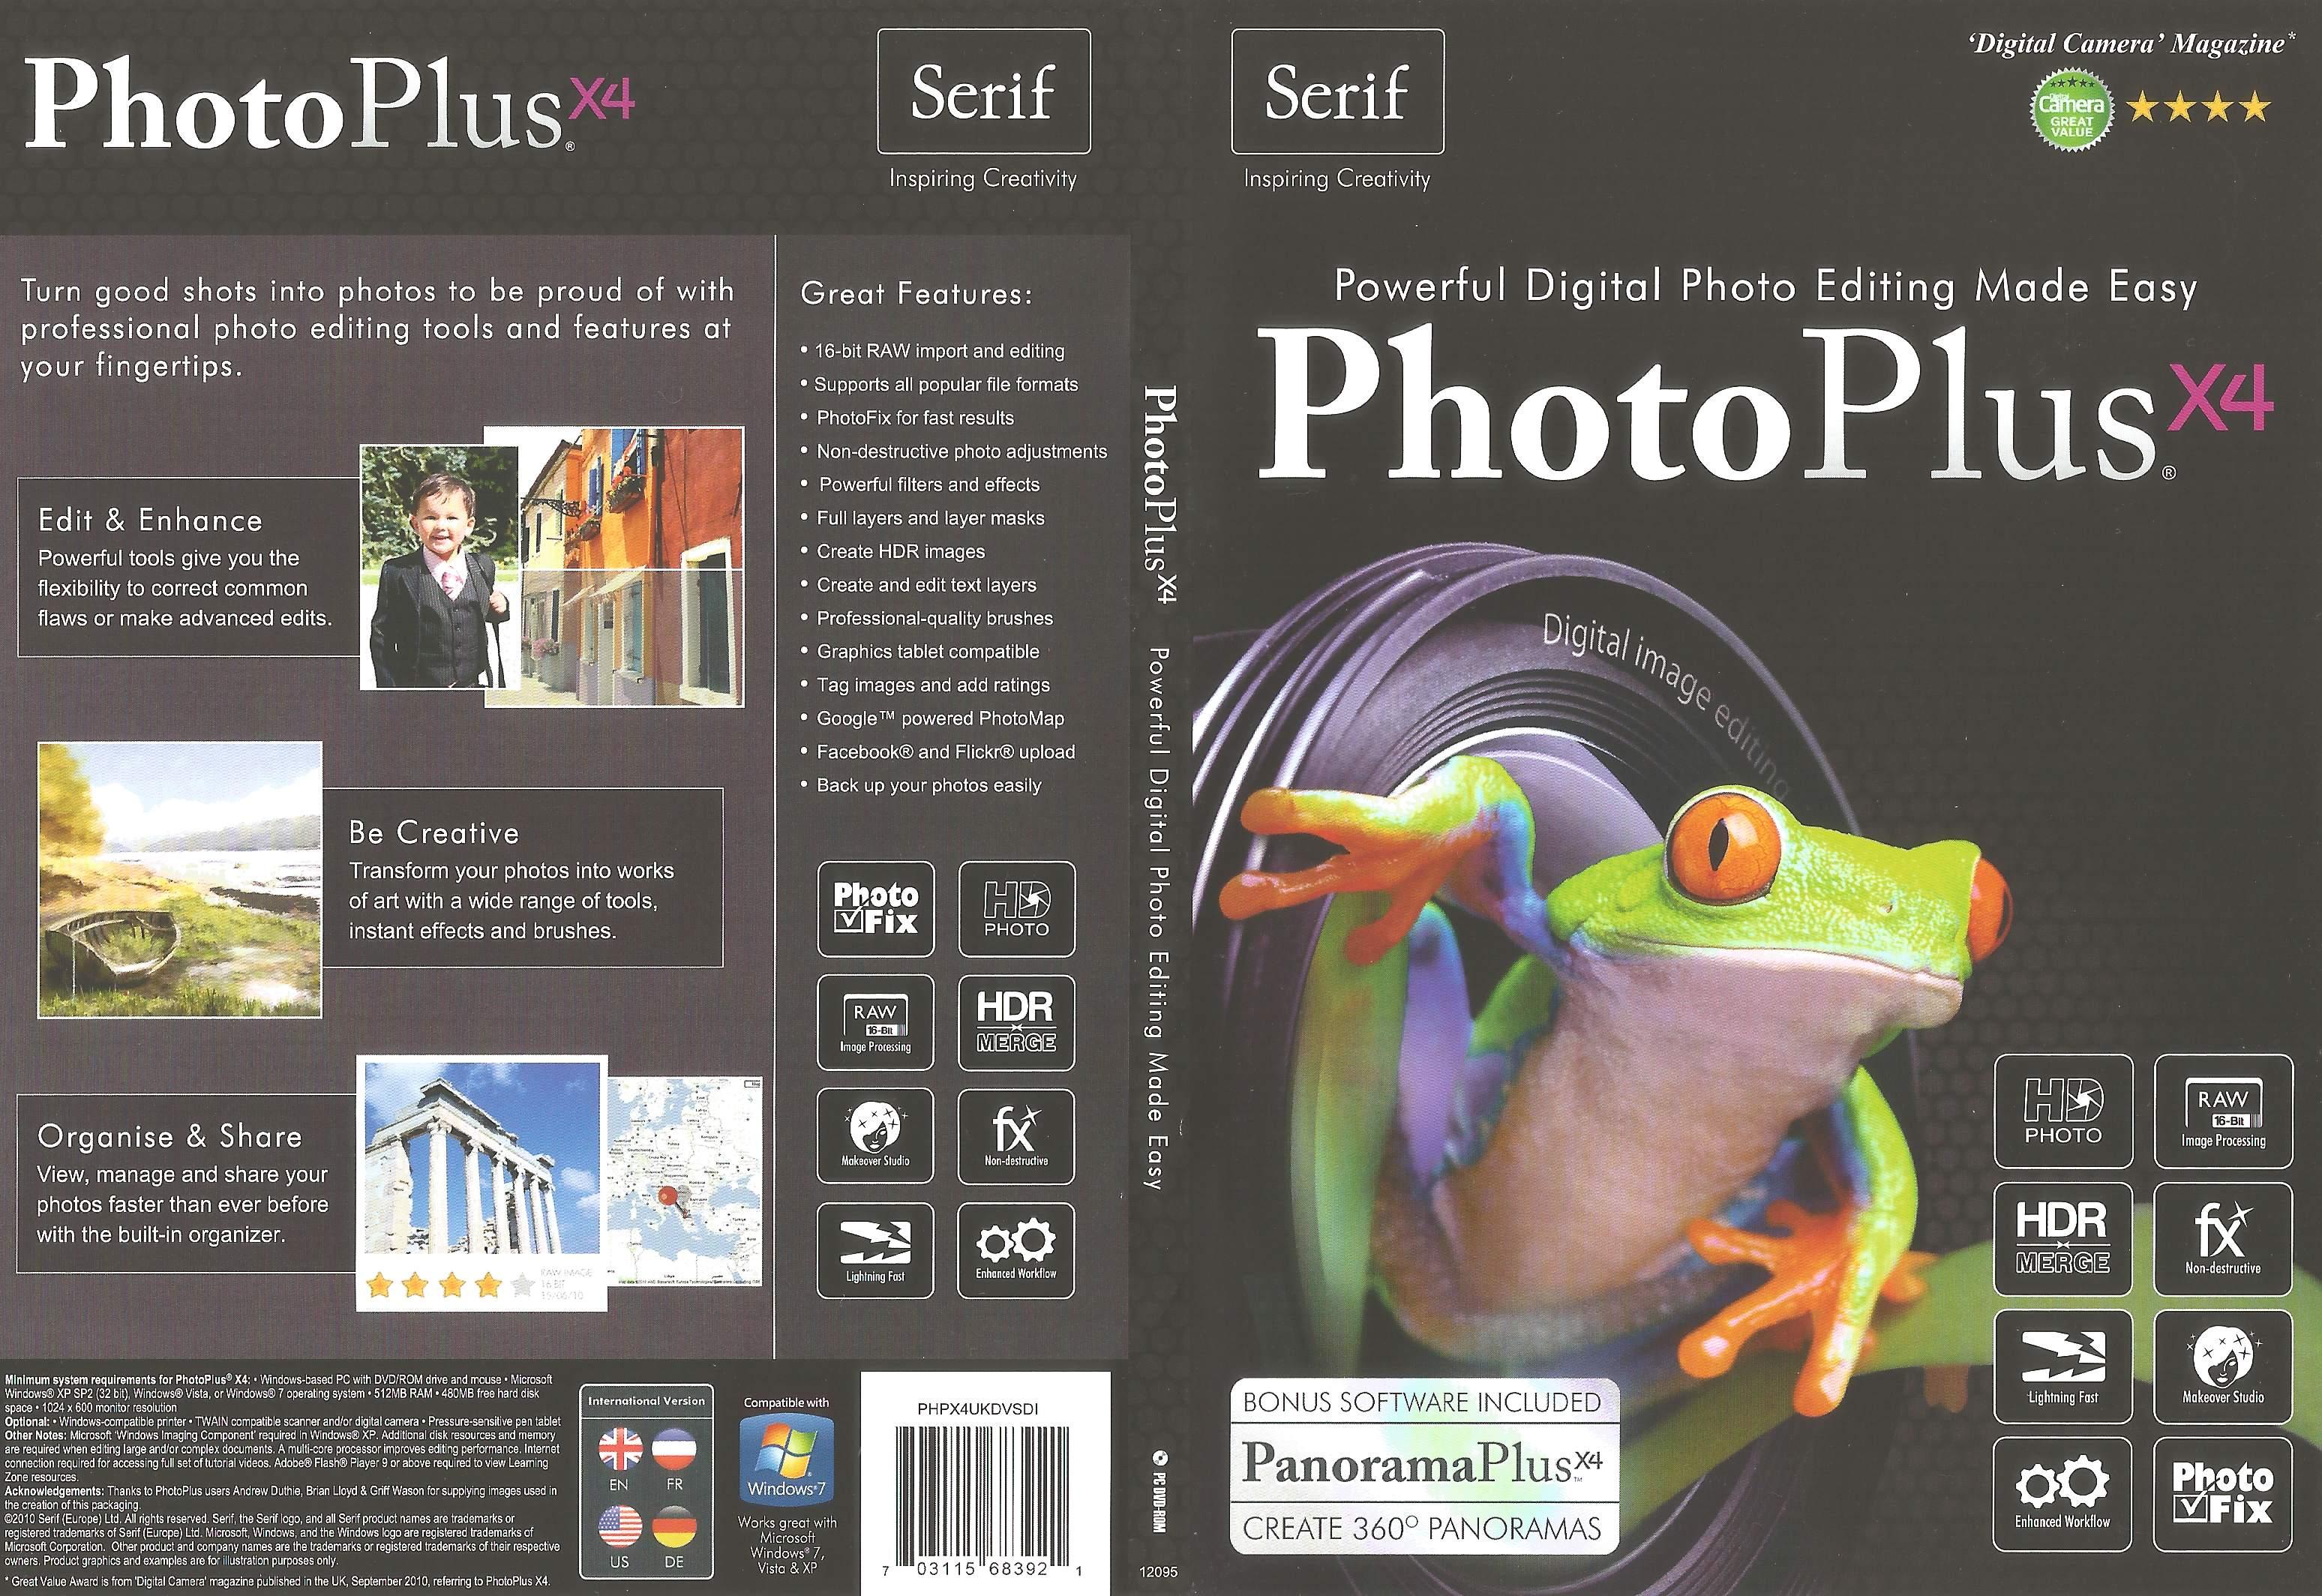 PhotoPlusX4